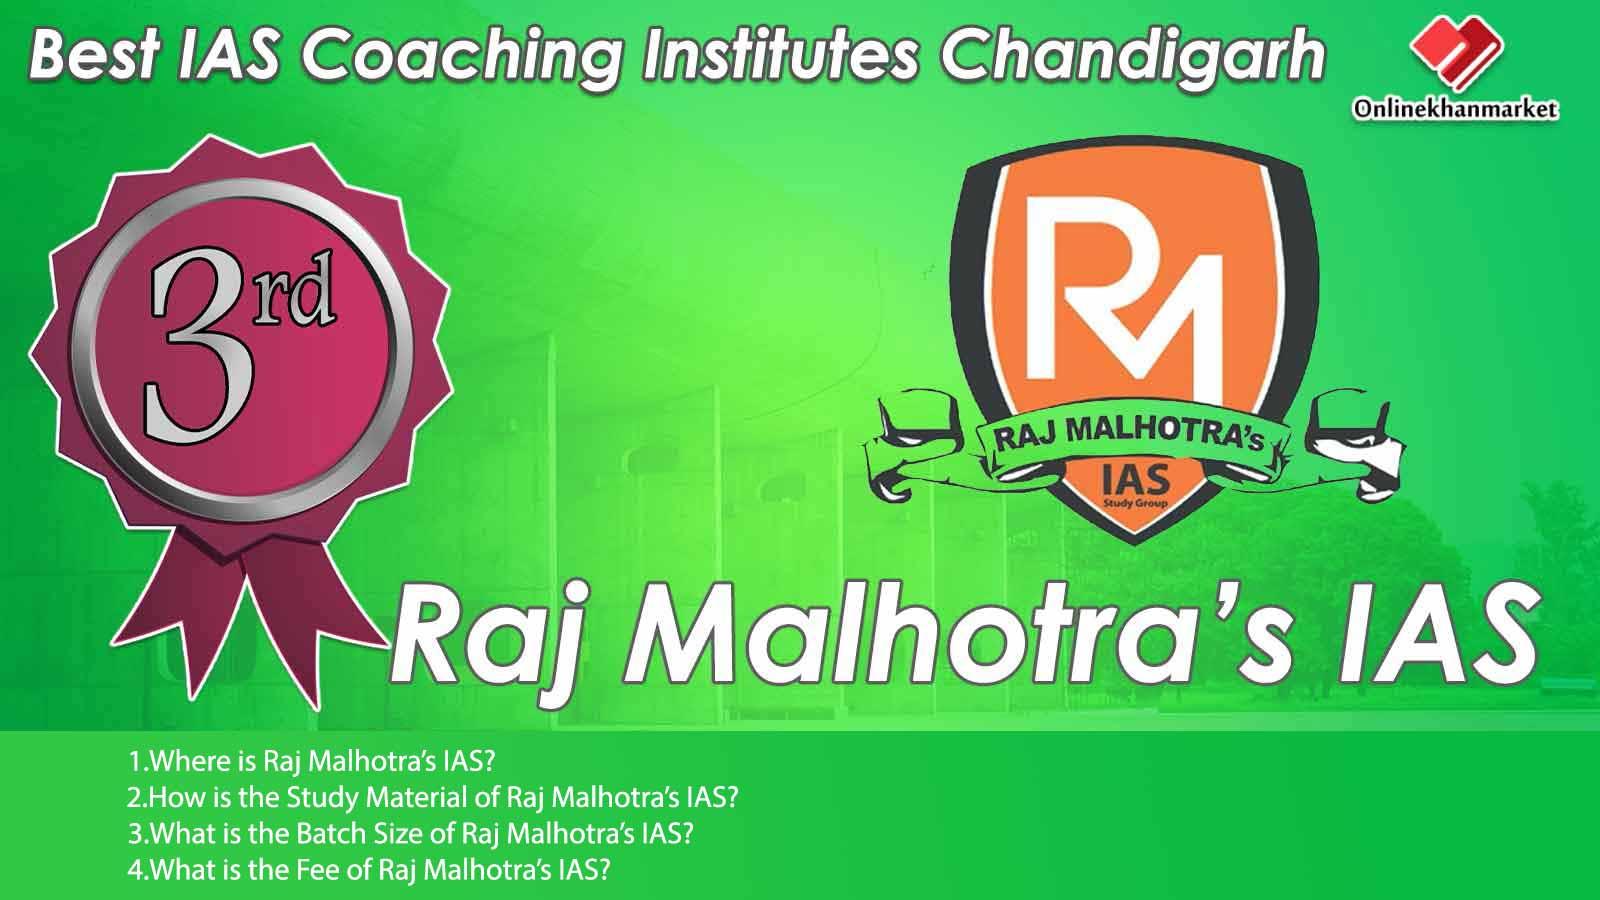 IAS Coaching in Chandigarh